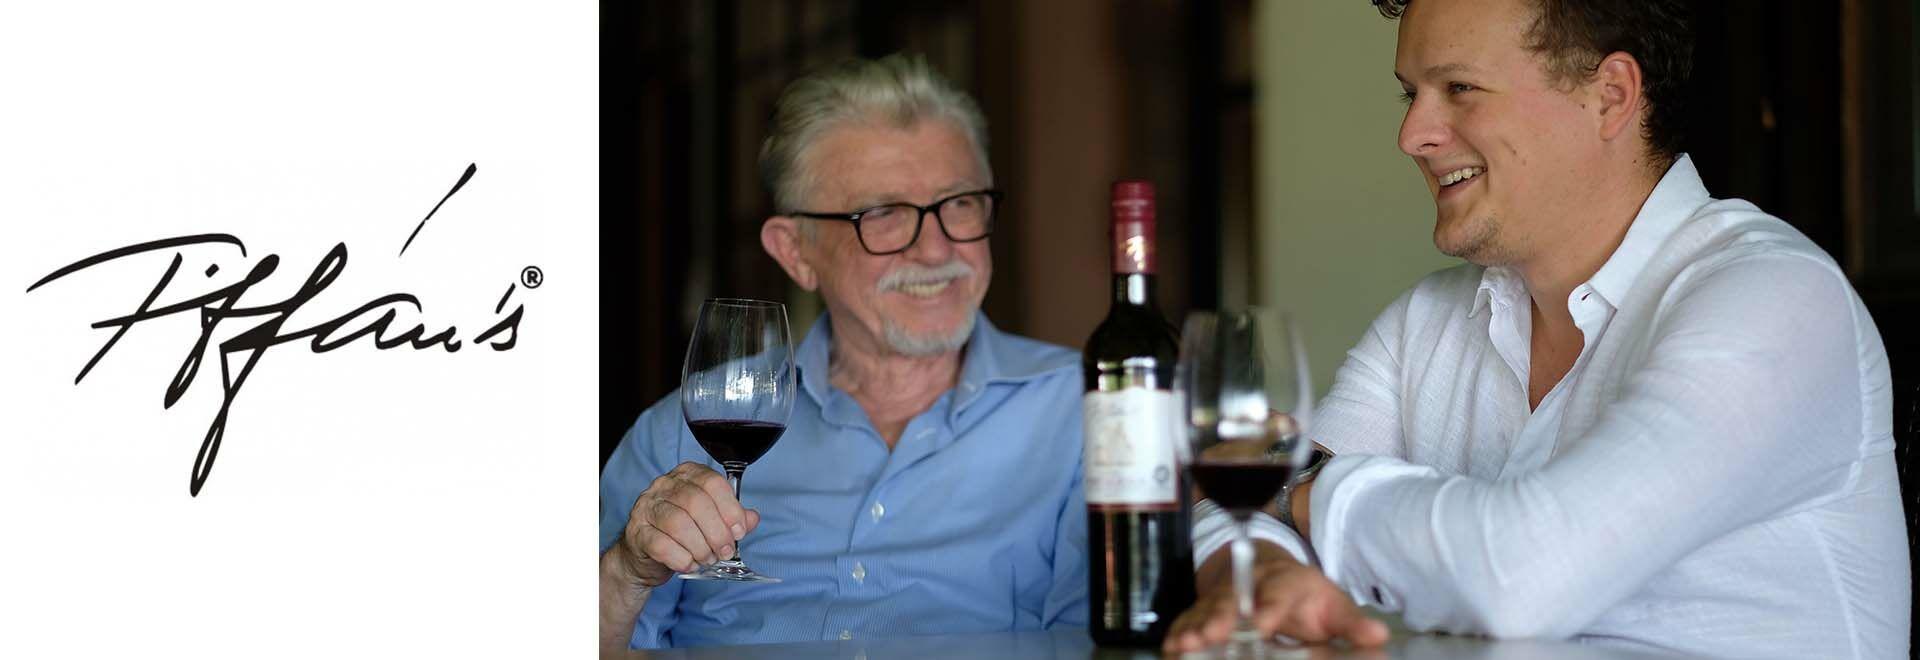 Villányi borvidék-Tiffán Ede és Zsolt Borászata-villányi borok